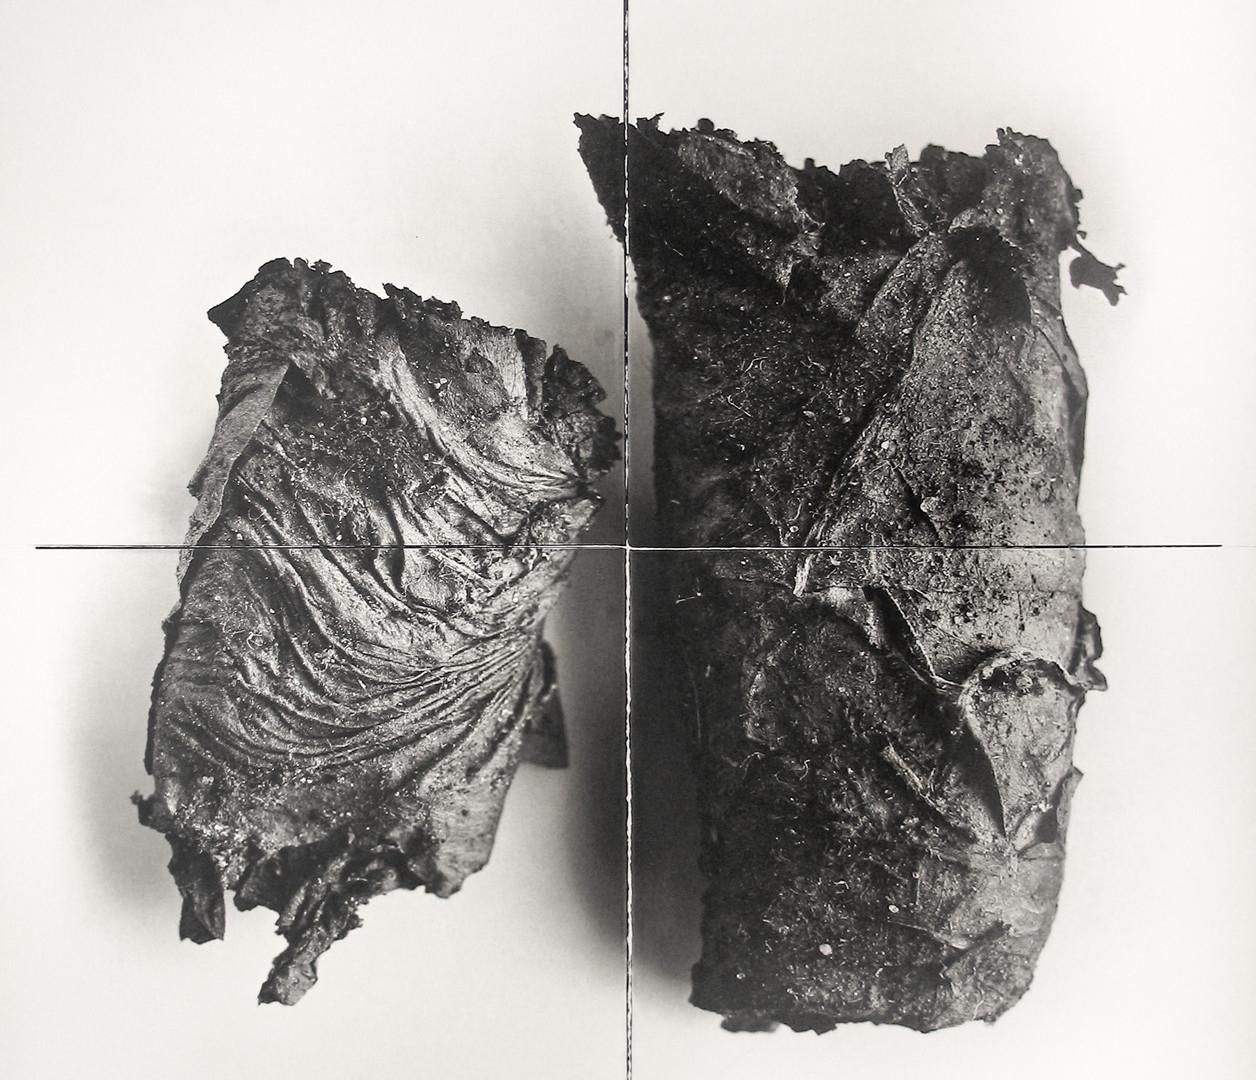 Irving Penn, Cigarette No. 69, New York, 1972